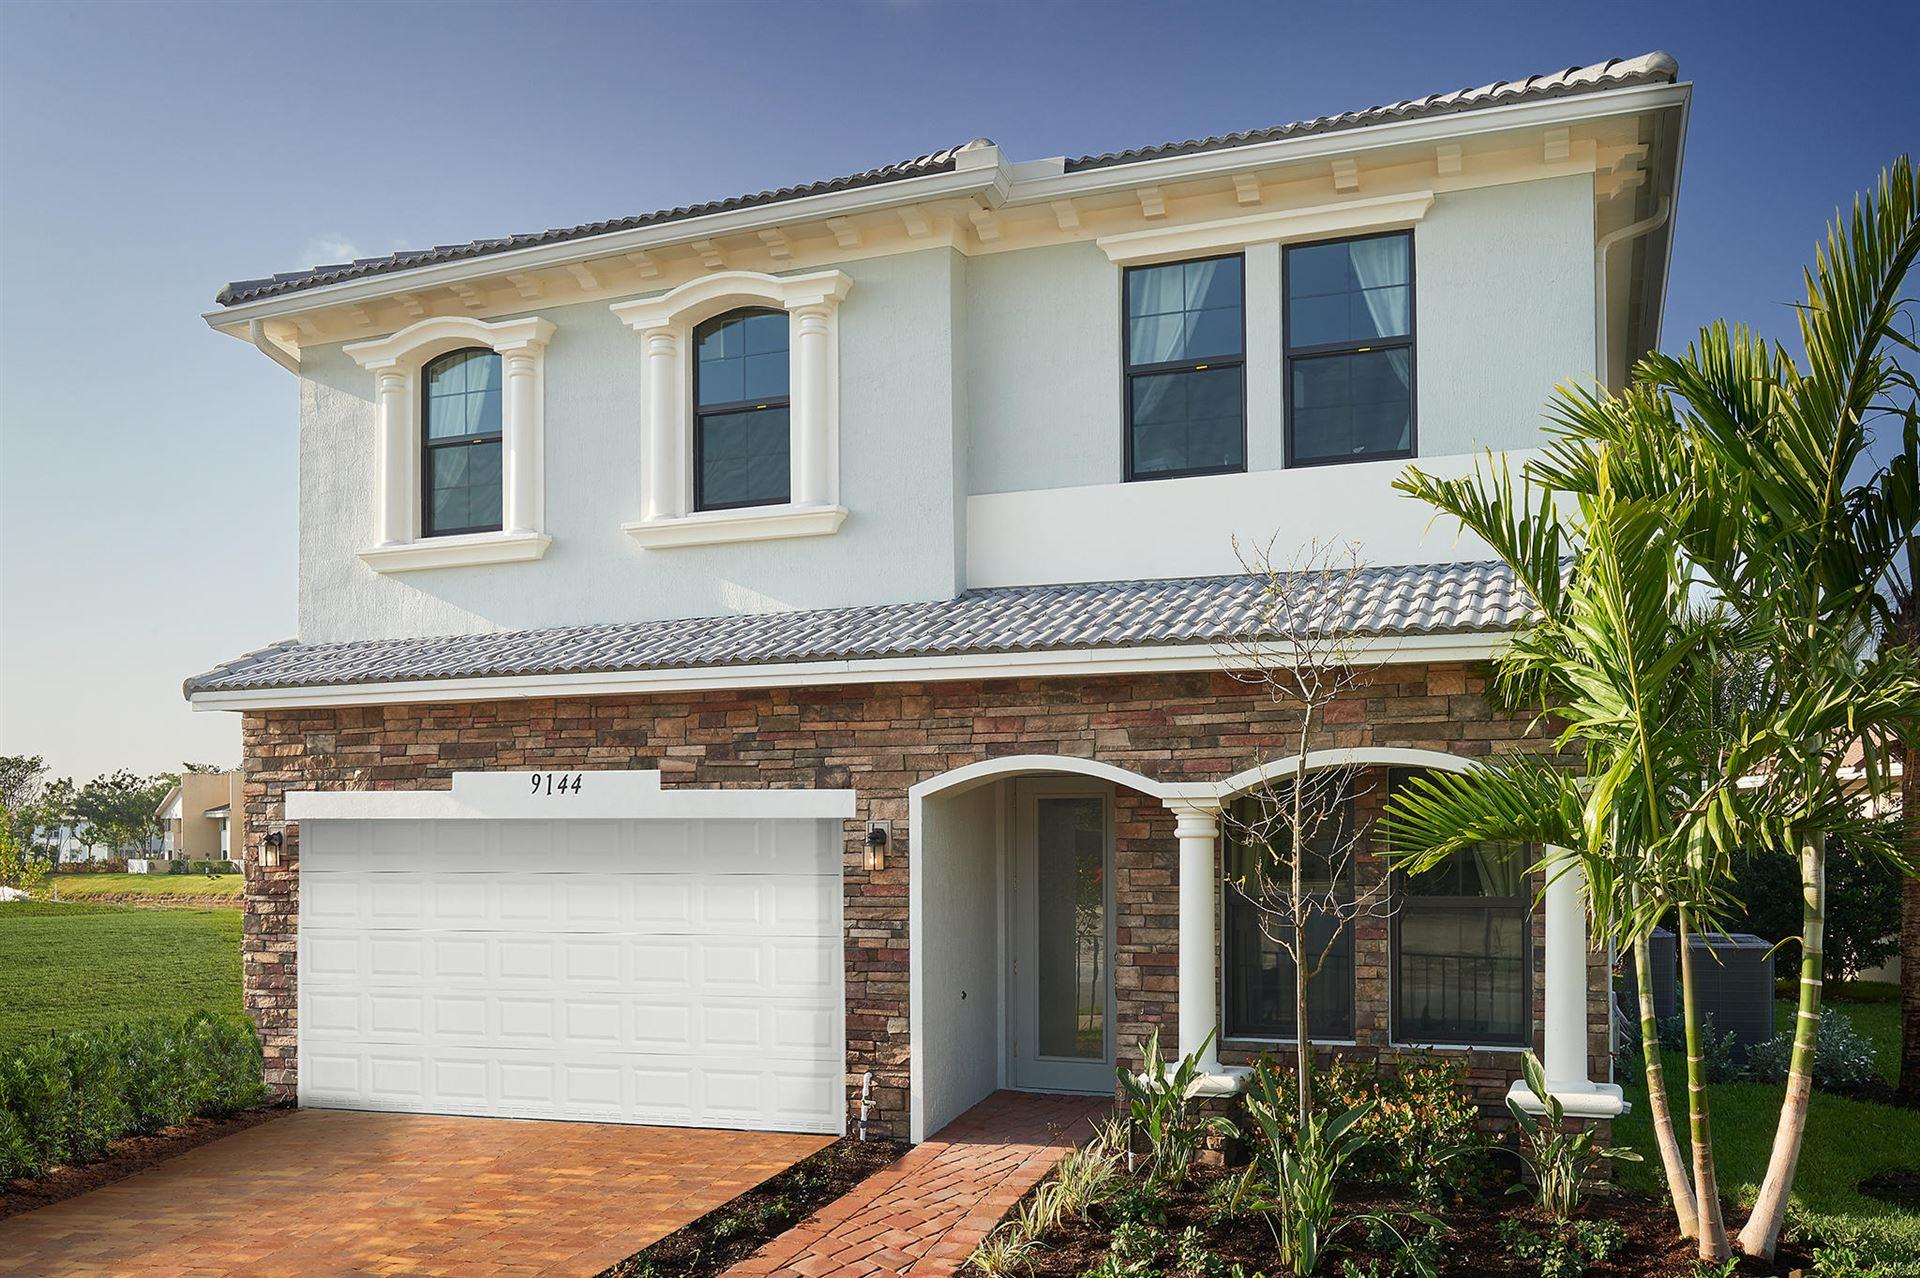 9144 NW 39 Street #5, Coral Springs, FL 33065 - MLS#: RX-10709862